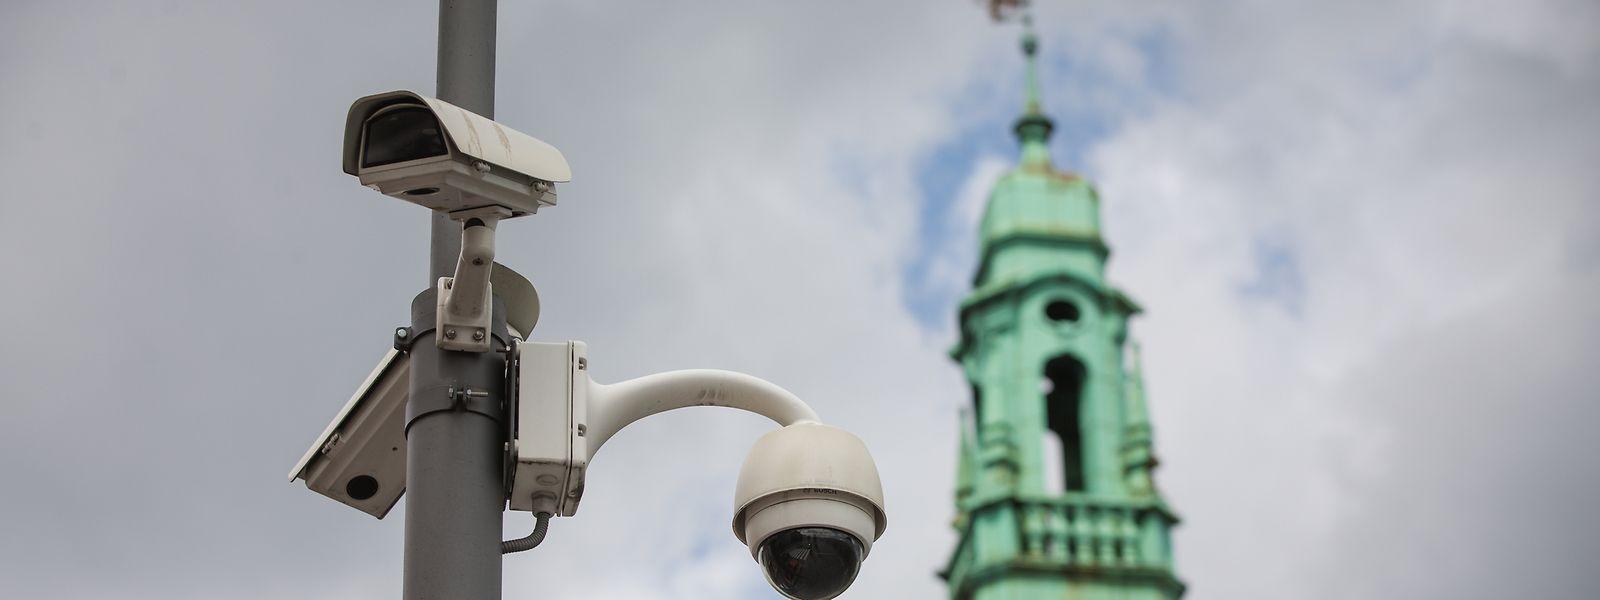 Derzeit gibt es 125 öffentliche Überwachungskameras in der Hauptstadt.